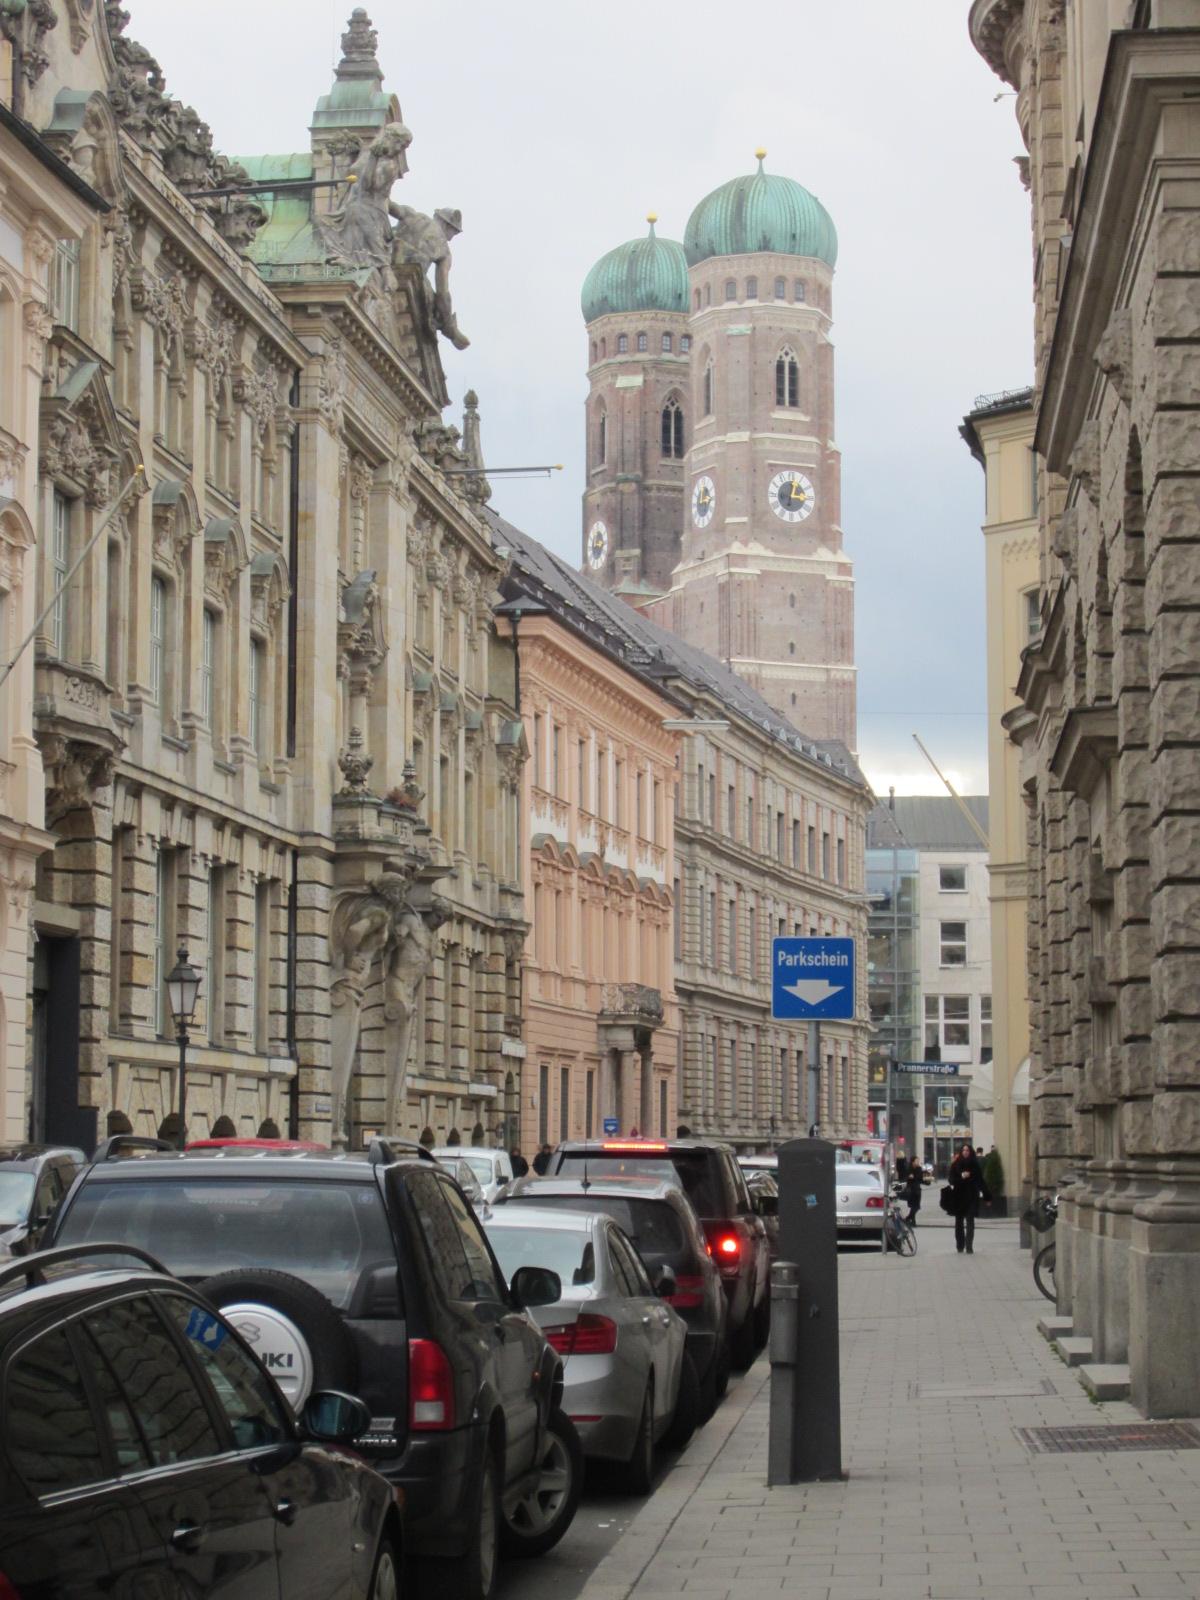 Uno scorcio di Monaco di Baviera con i due campanili della Frauenkirche